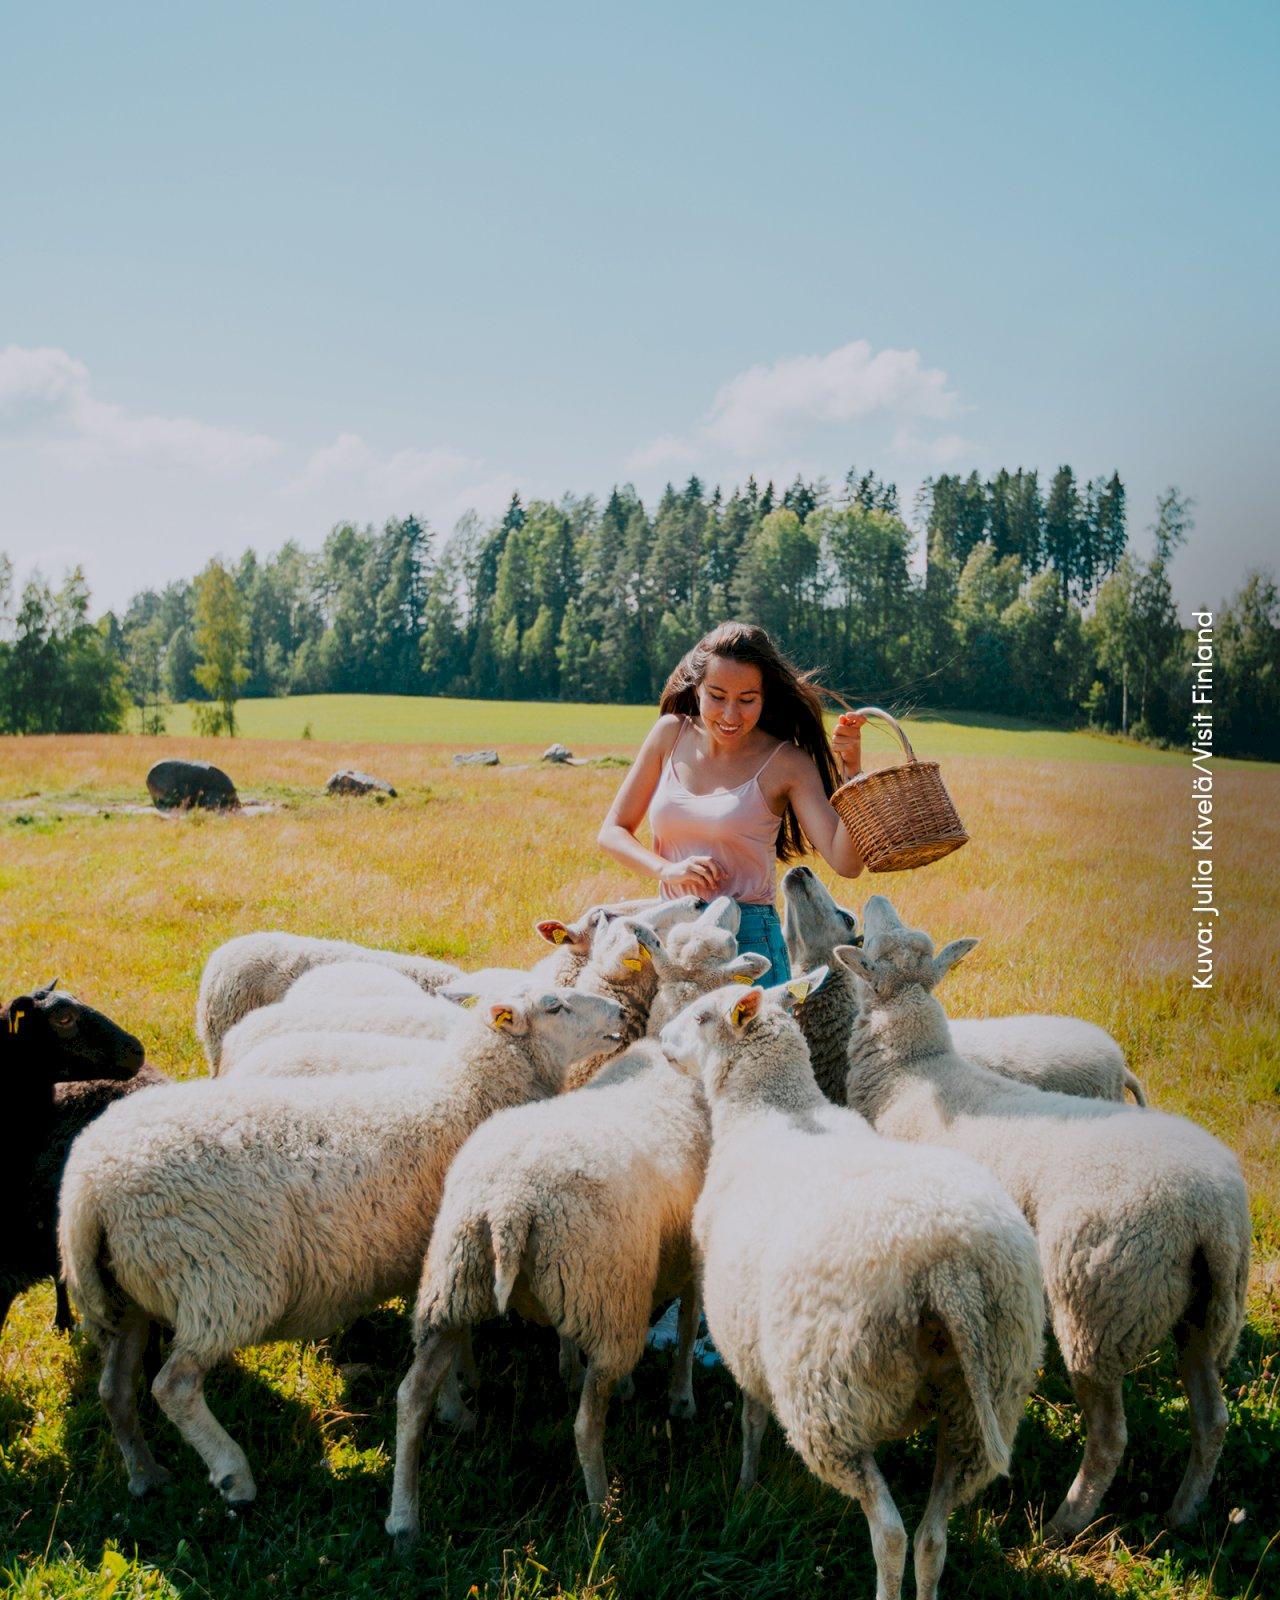 Nainen ruokkii lampaita pellon keskellä.